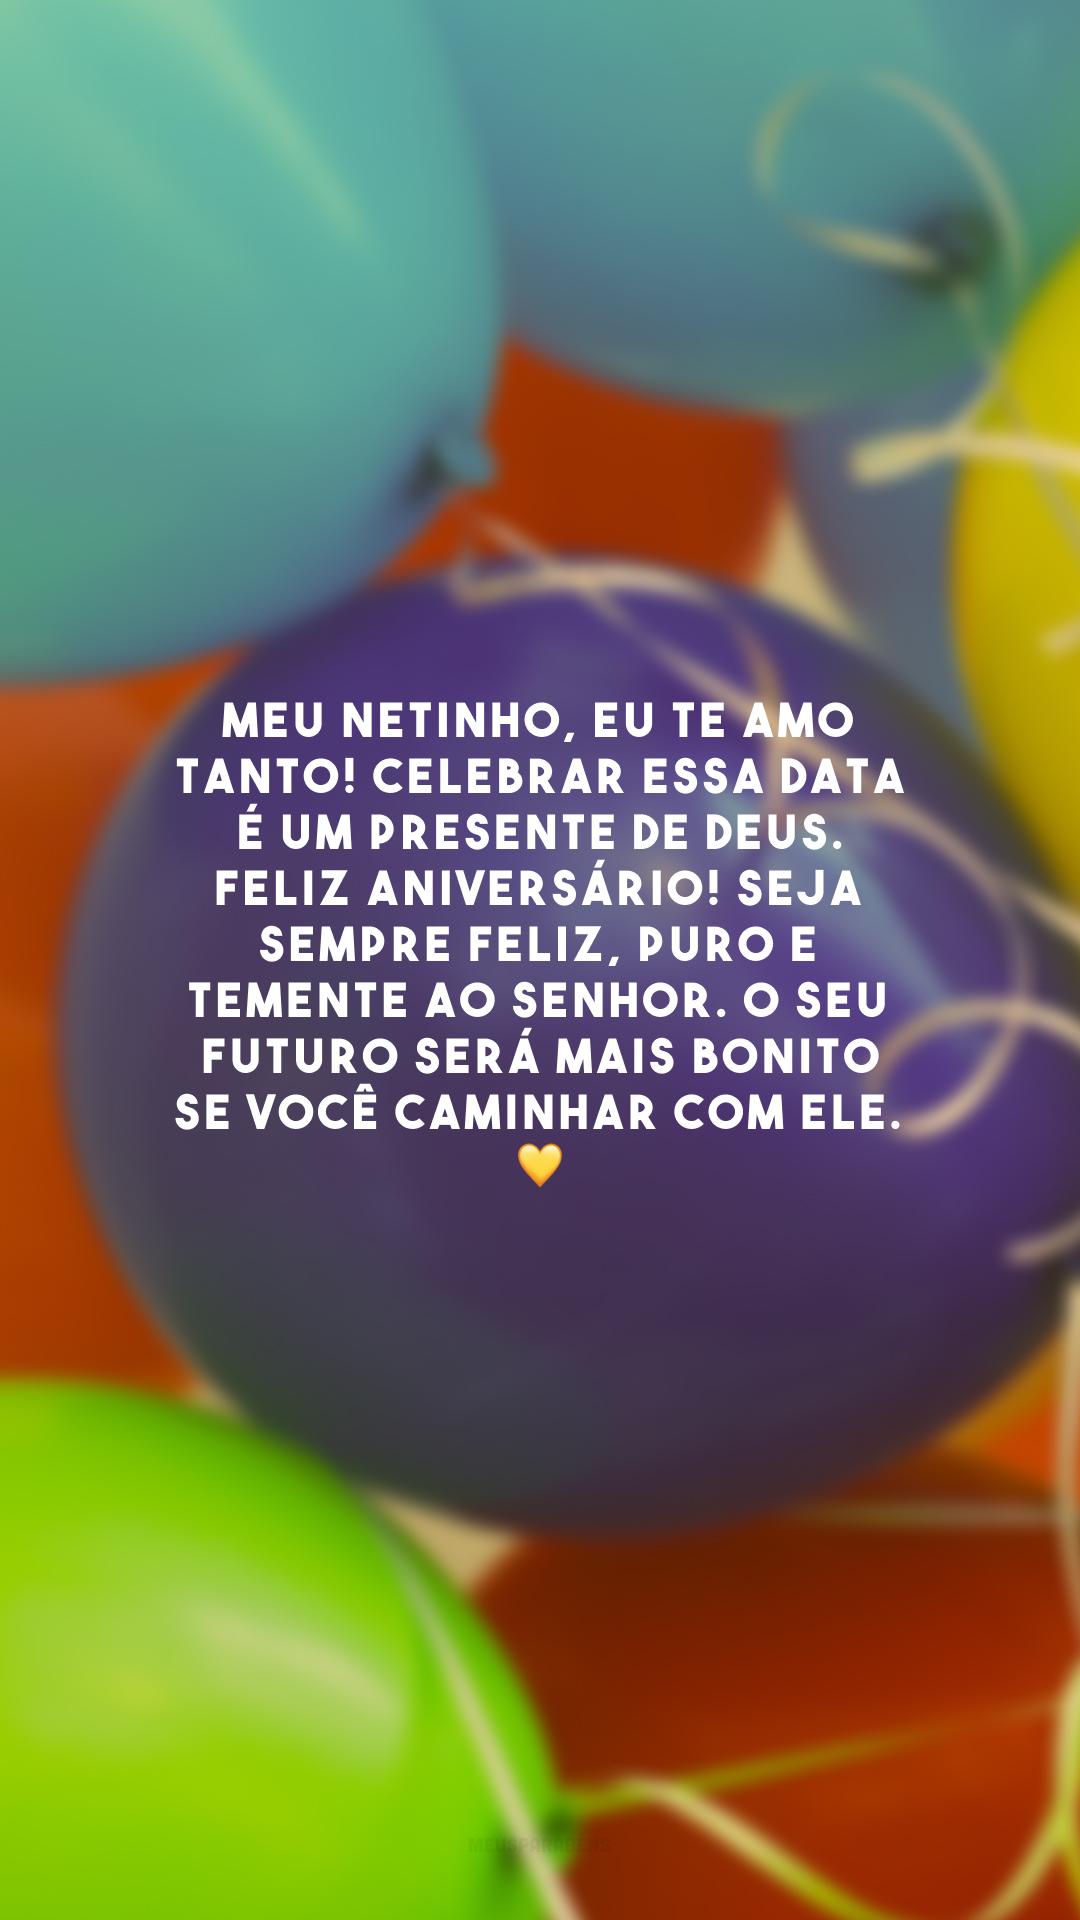 Meu netinho, eu te amo tanto! Celebrar essa data é um presente de Deus. Feliz aniversário! Seja sempre feliz, puro e temente ao Senhor. O seu futuro será mais bonito se você caminhar com Ele. 💛